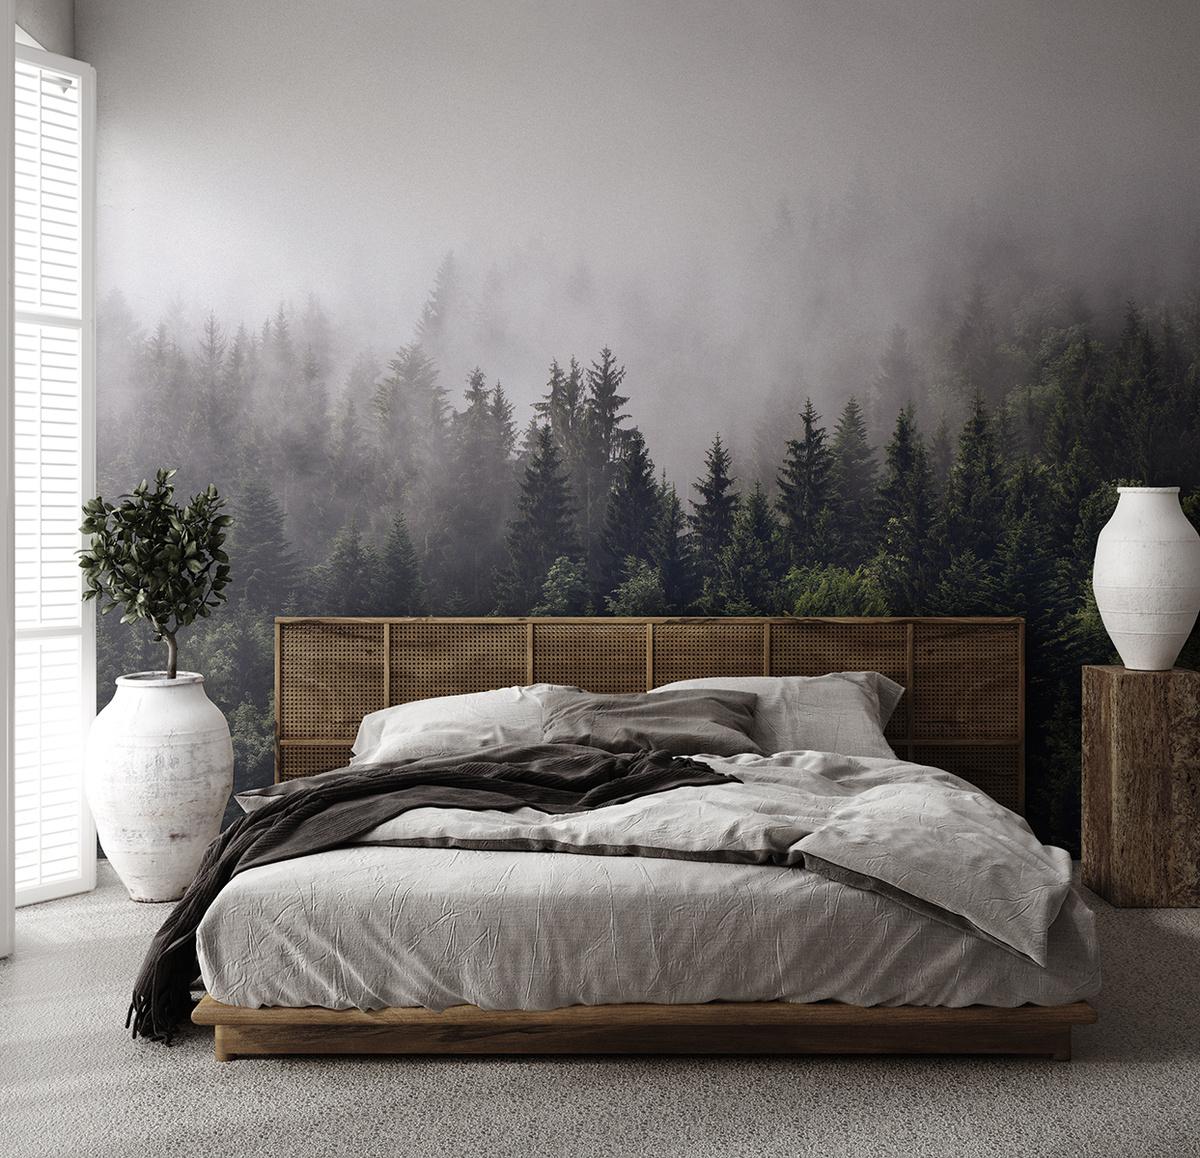 """Флизелиновые фотообои на стену DIVINO Decor DIVINO Decor """"Туманный лес 400х270""""(ШхВ) - купить по выгодной цене в интернет-магазине OZON"""